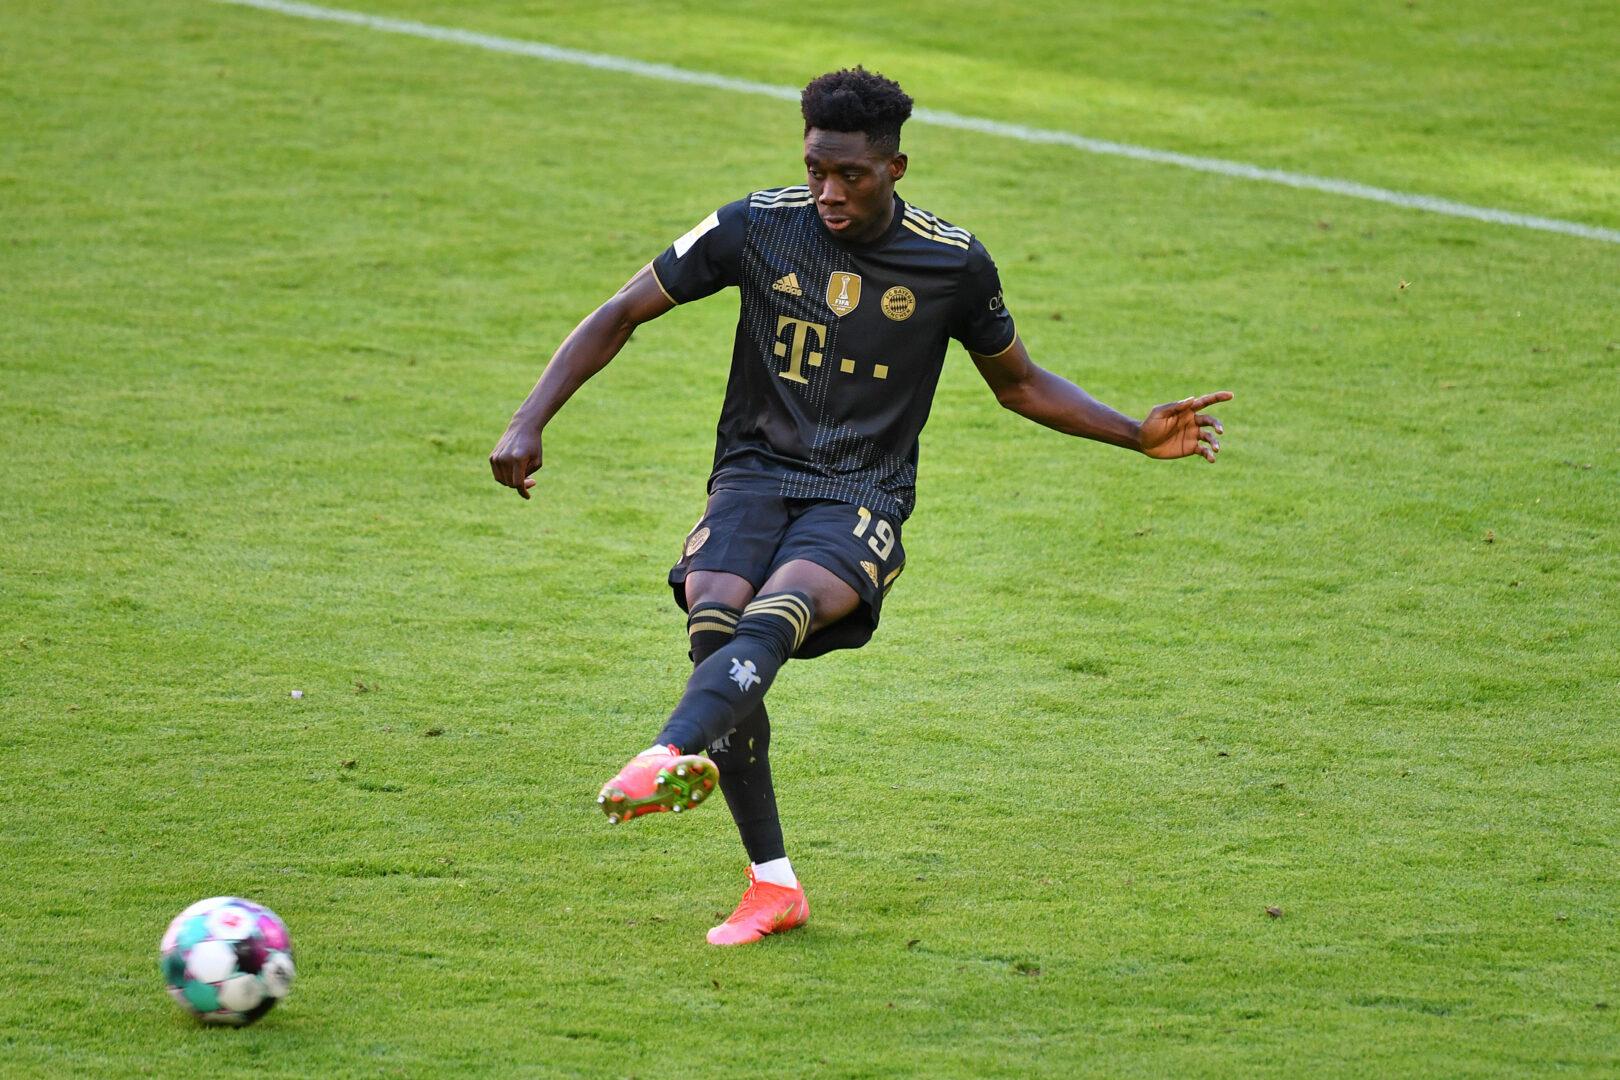 Außenbandverletzung: FC Bayern mehrere Wochen ohne Alphonso Davies